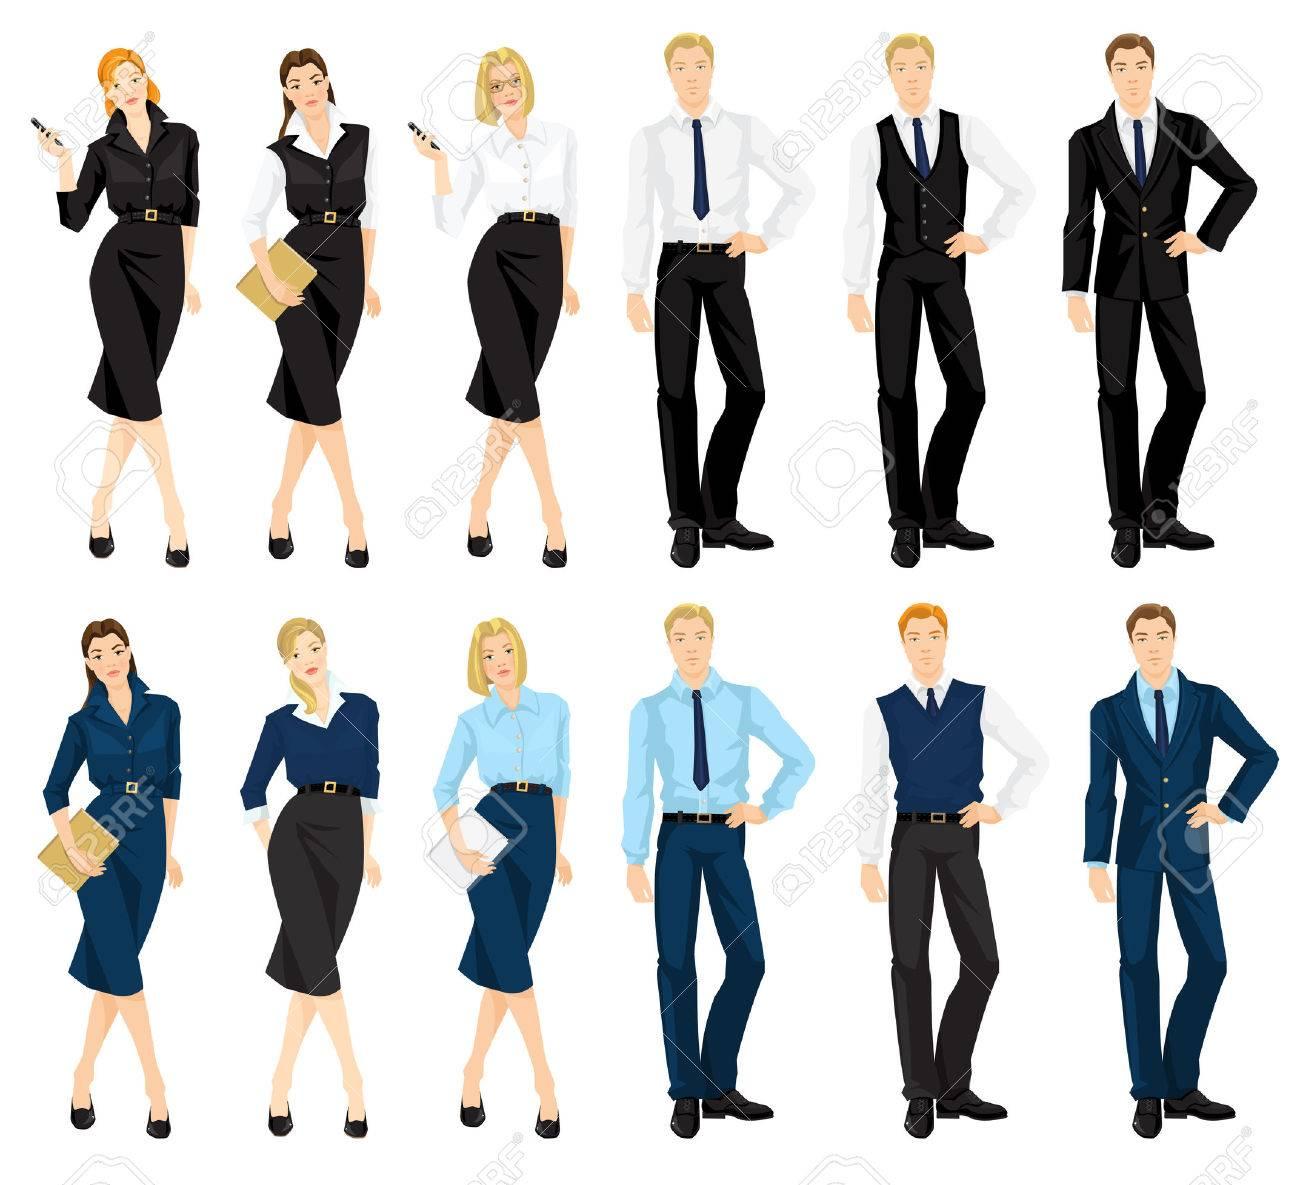 9868f0084 Ilustración del vector de código de vestimenta corporativa. El hombre y la  mujer en trajes azules y negros oficiales aisladas sobre fondo blanco. ...